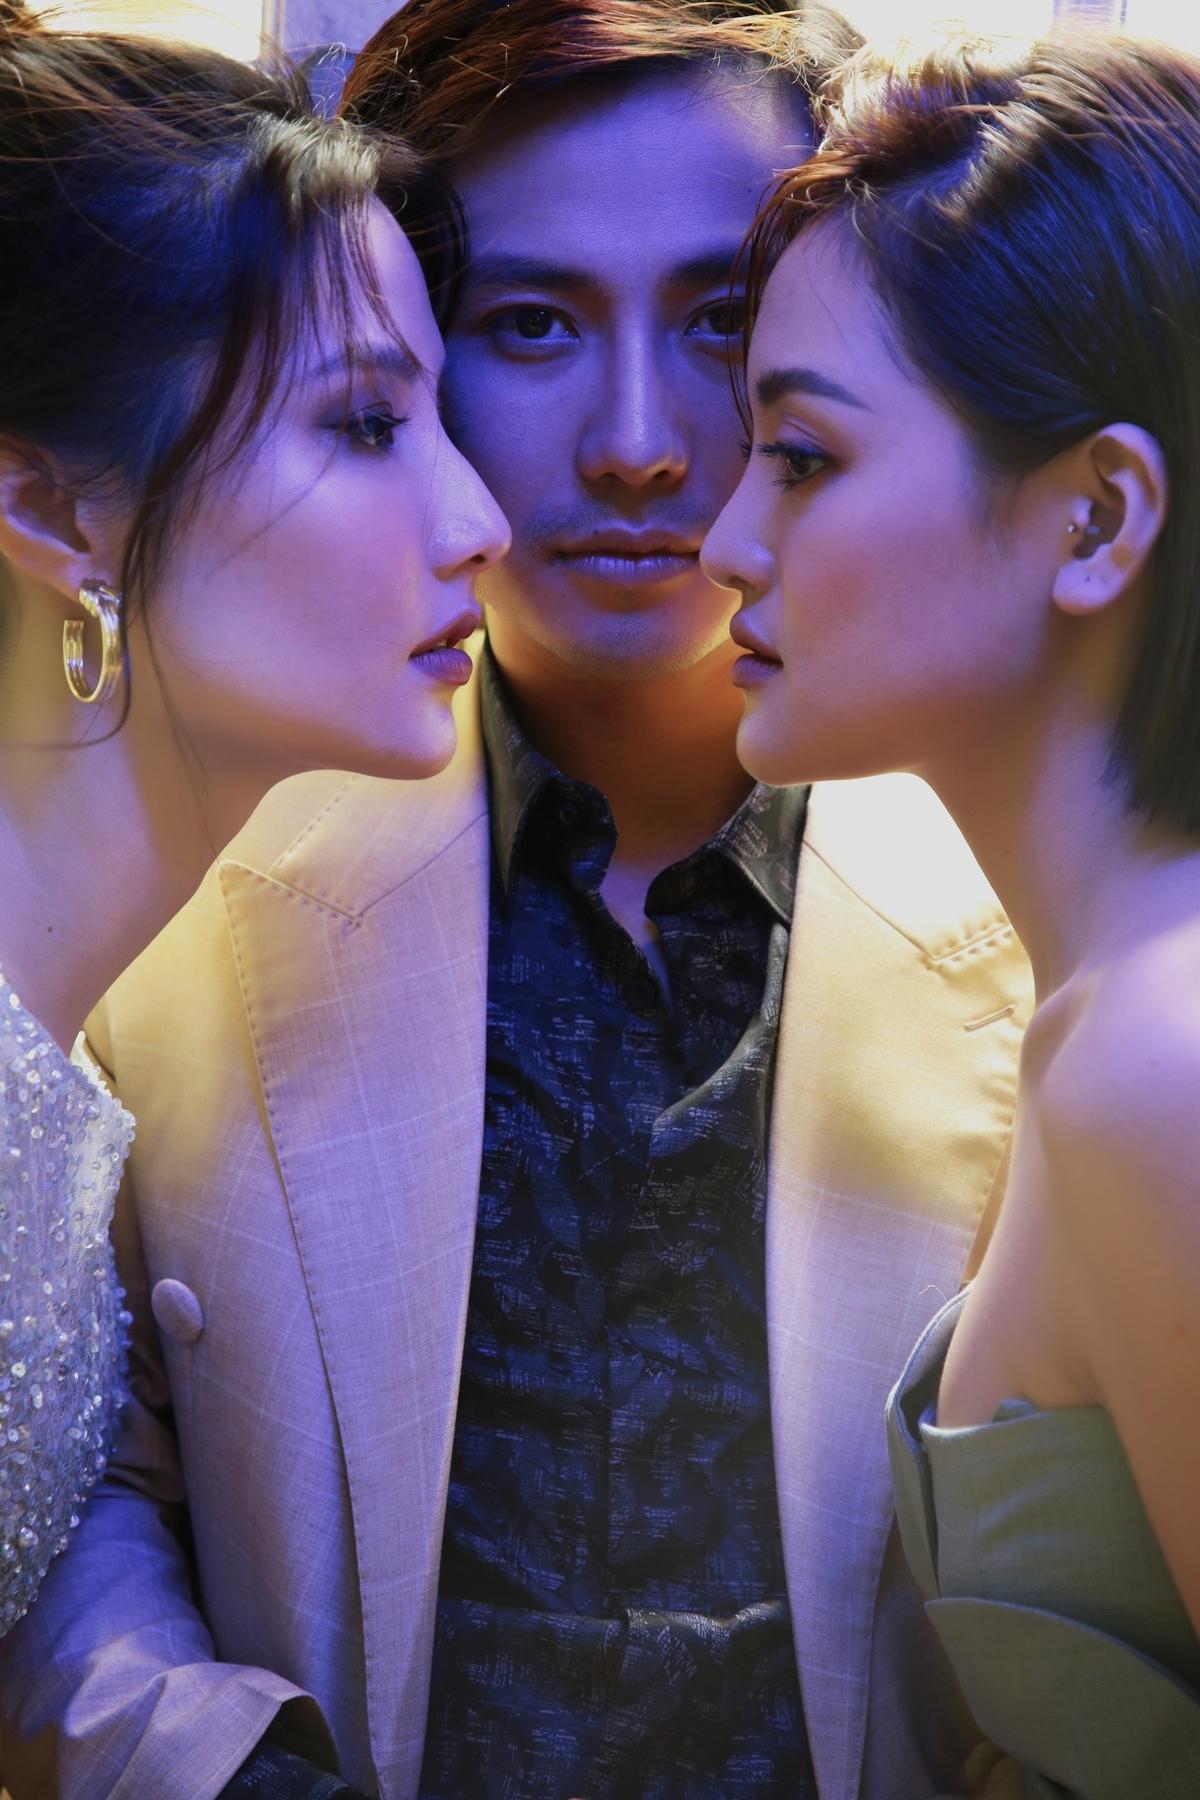 Bộ ba diễn viên thân nhau khi đóng phim truyền hình Tình yêu và tham vọng, đang lên sóng VTV3. Ý tưởng thực hiện bộ ảnh dựa trên chuyện tình tay ba như trong phim mà họ đang tham gia.